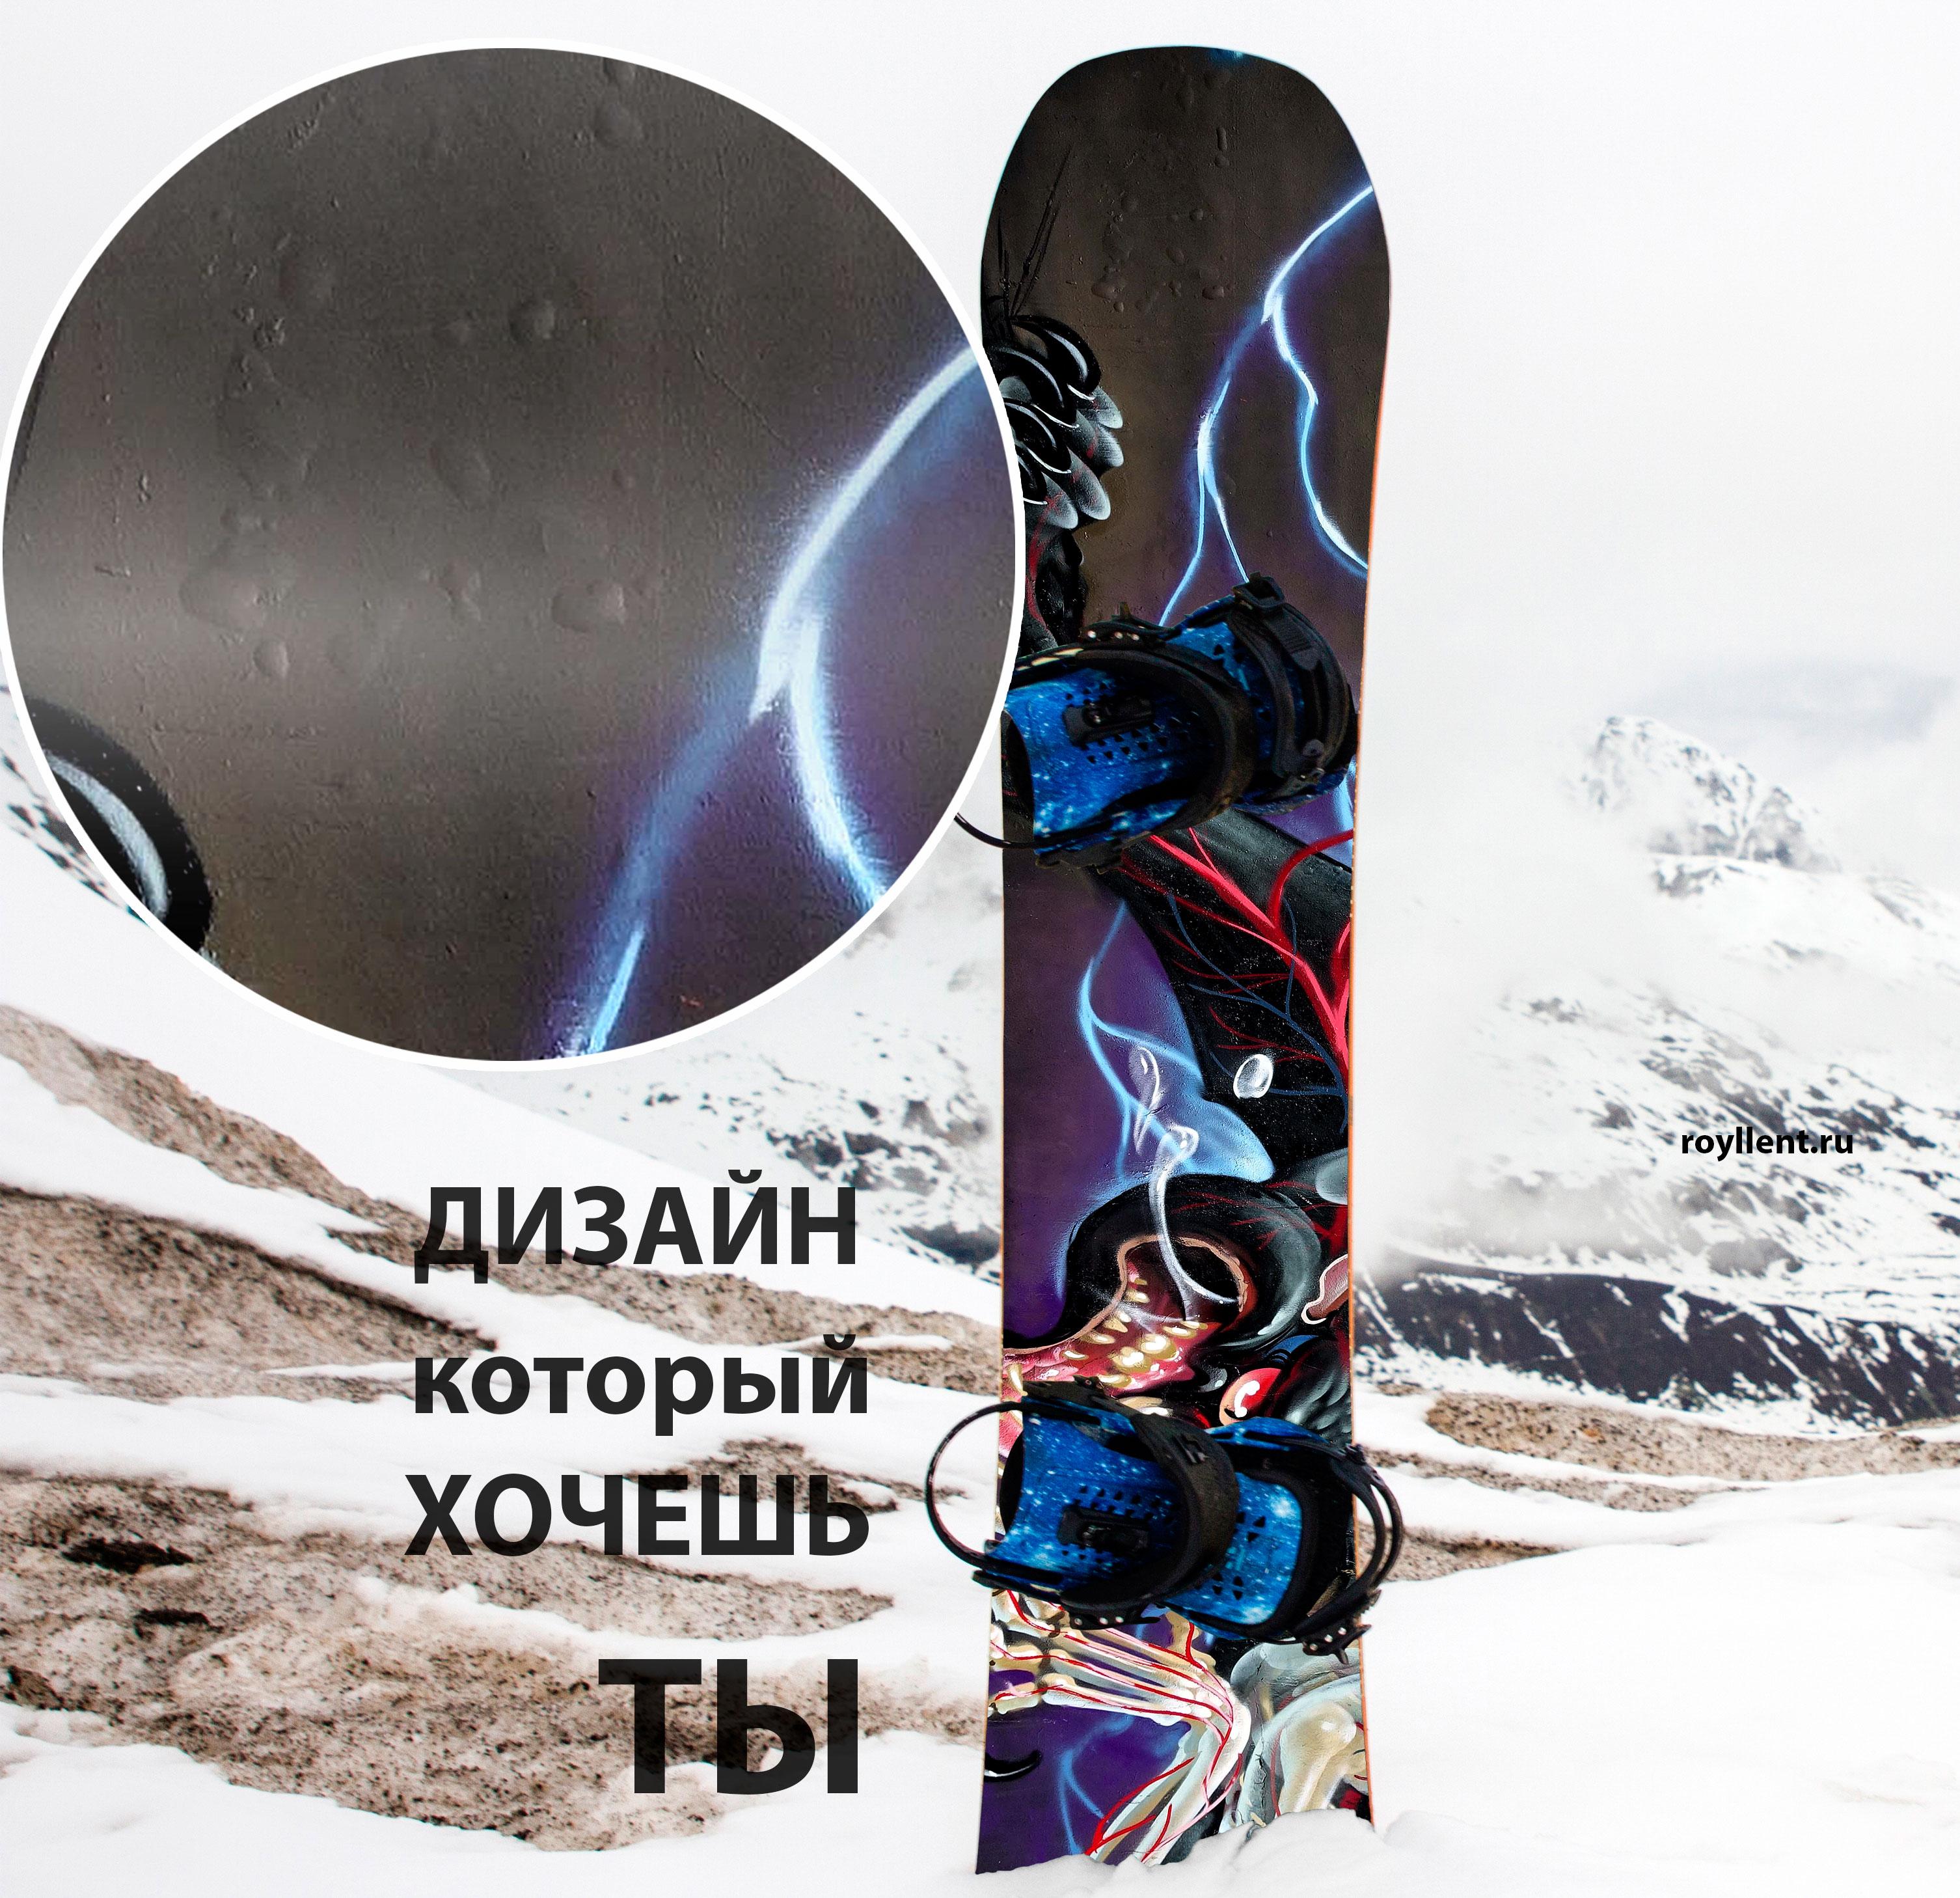 Виниловая наклейка на сноуборд с доставкой по России